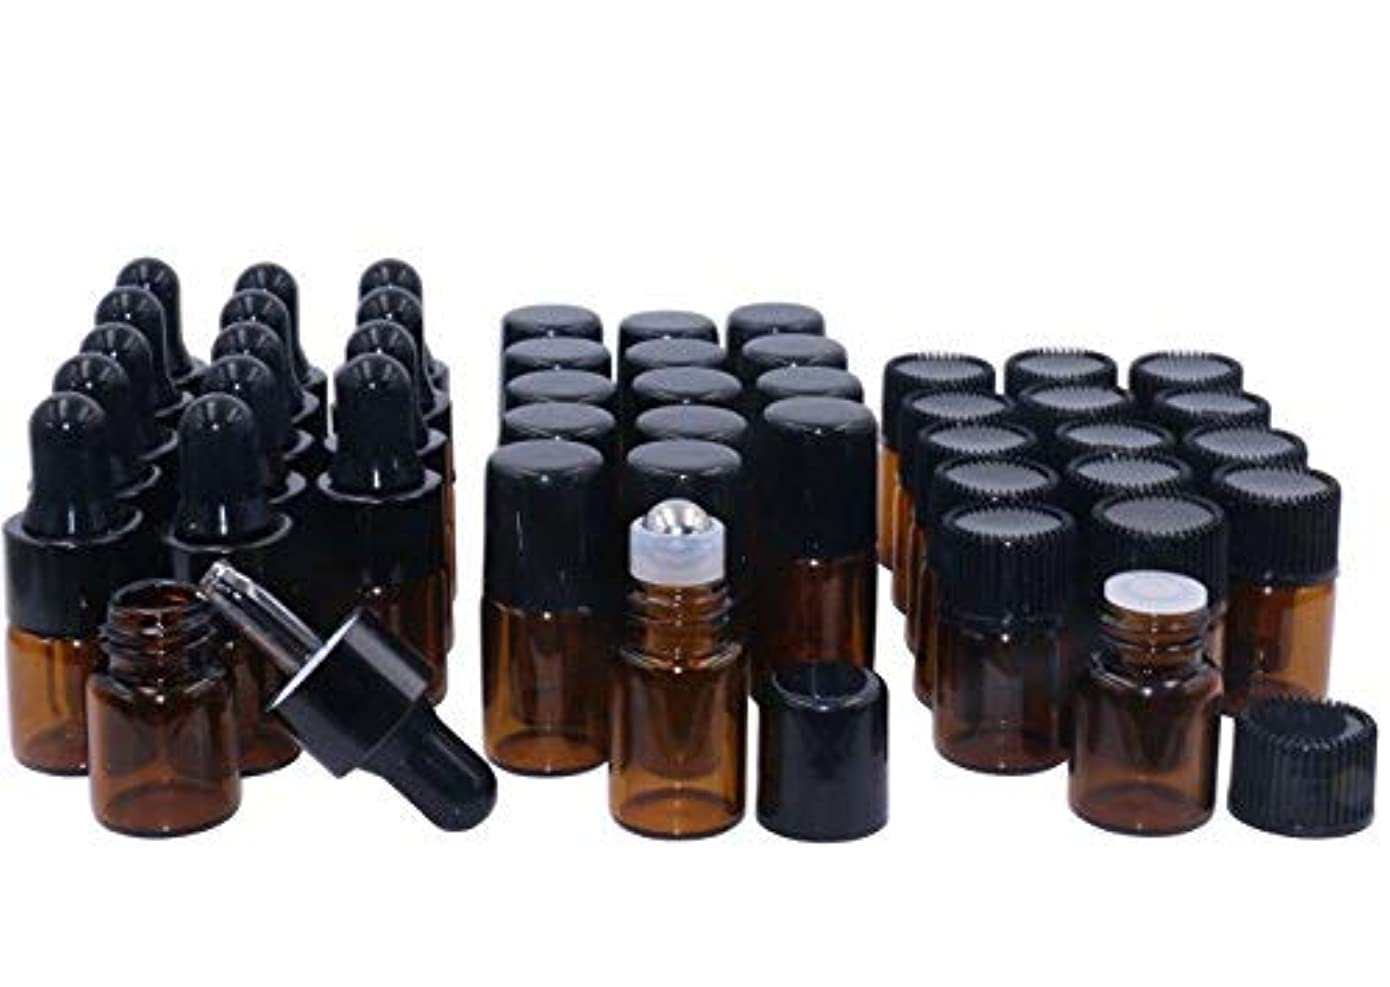 うそつき汚い冬Amber Glass Essential Oil Bottles,2ml 15 Pack,Kit Included:Stainless Roller Ball Bottle,Eye Dropper Bottles,Aromatherapy...